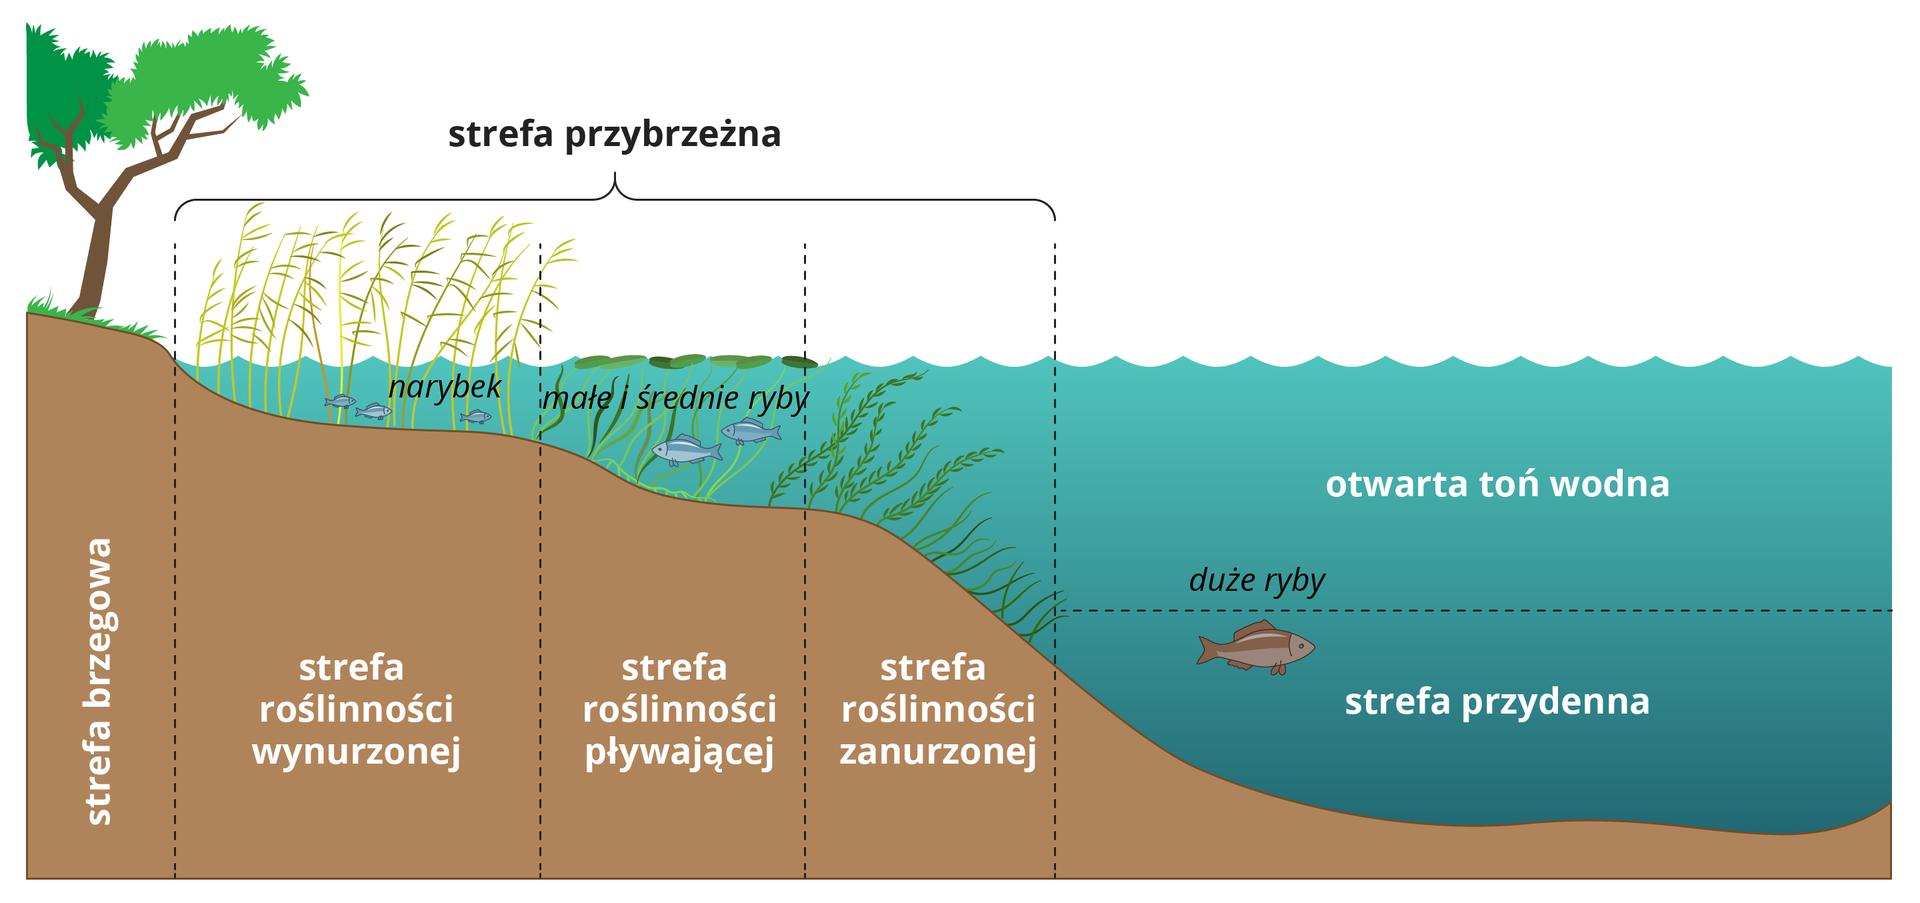 Ilustracja przedstawia przekrój prez brzegową część jeziora. Na tle wody zaznaczone strefy jeziora przybrzeżna, otwarta toń wodna istrefa denna.